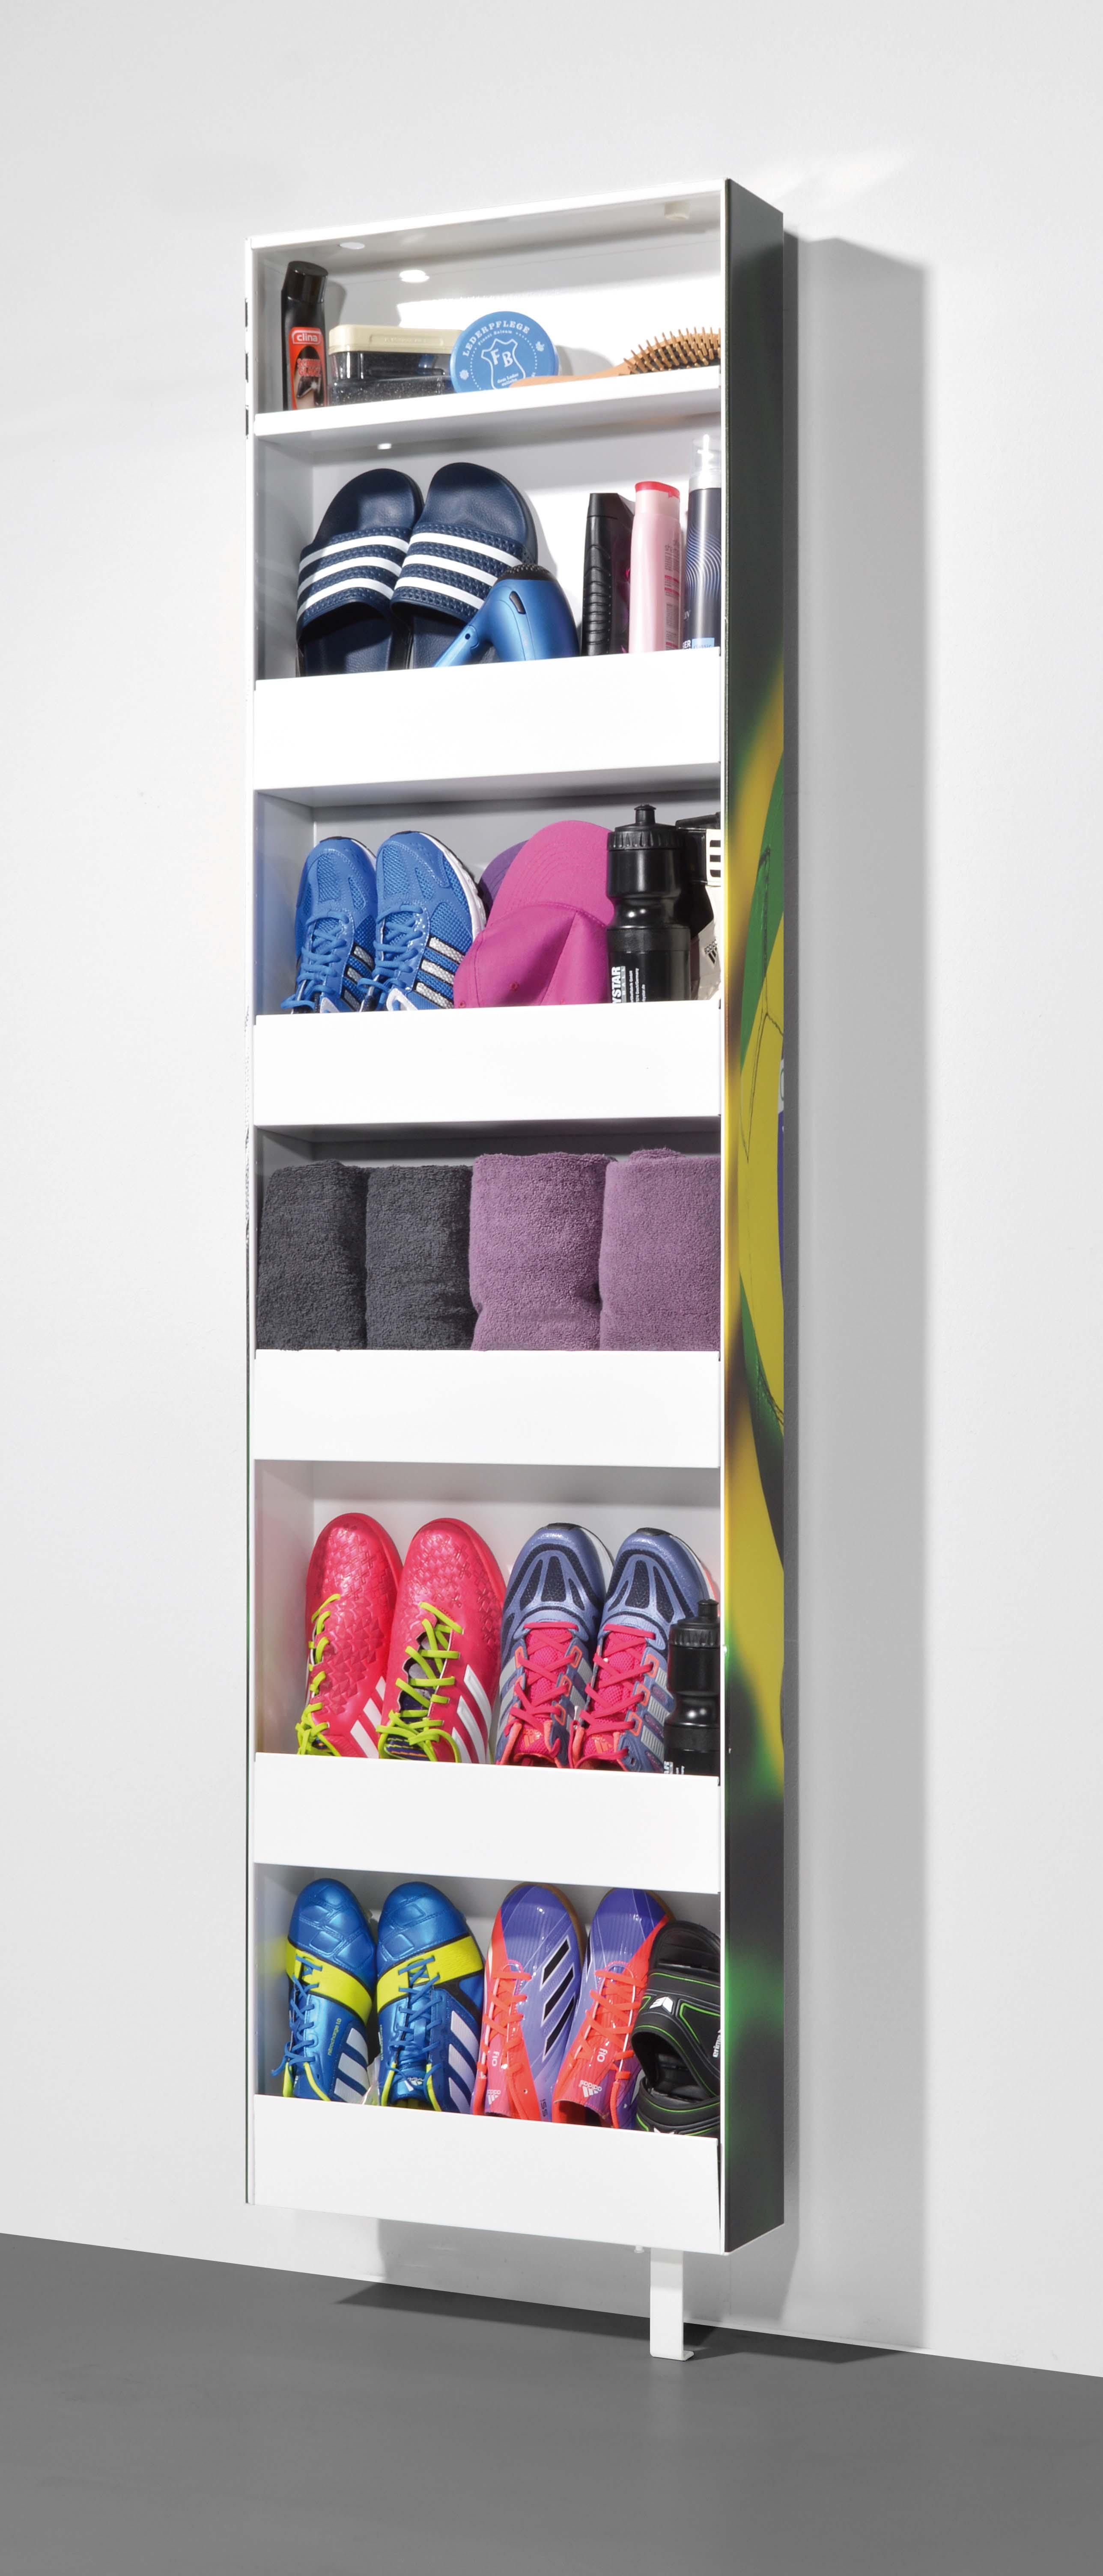 Details Zu Drehbarer Schuhschrank Drehschuhschrank Mehrzweckschrank Schrank Motiv Brazil